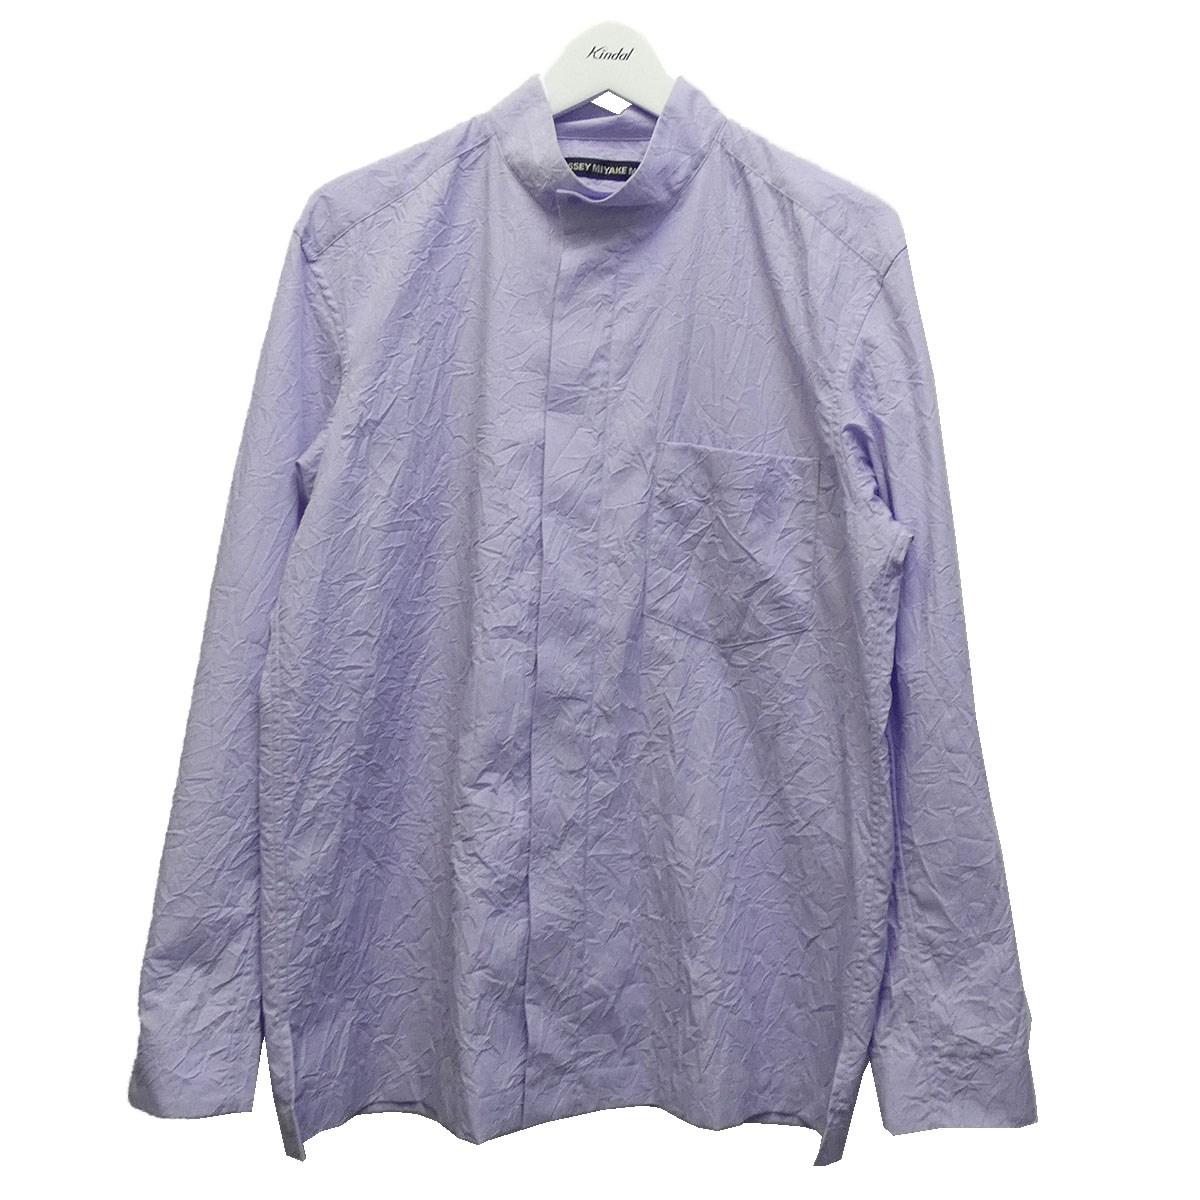 【日本限定モデル】 【】ISSEY MIYAKE MEN 19AW シワ加工スタンドカラーシャツ パープル サイズ:3 【260620】(イッセイミヤケ メン), BleeeK 0616deec